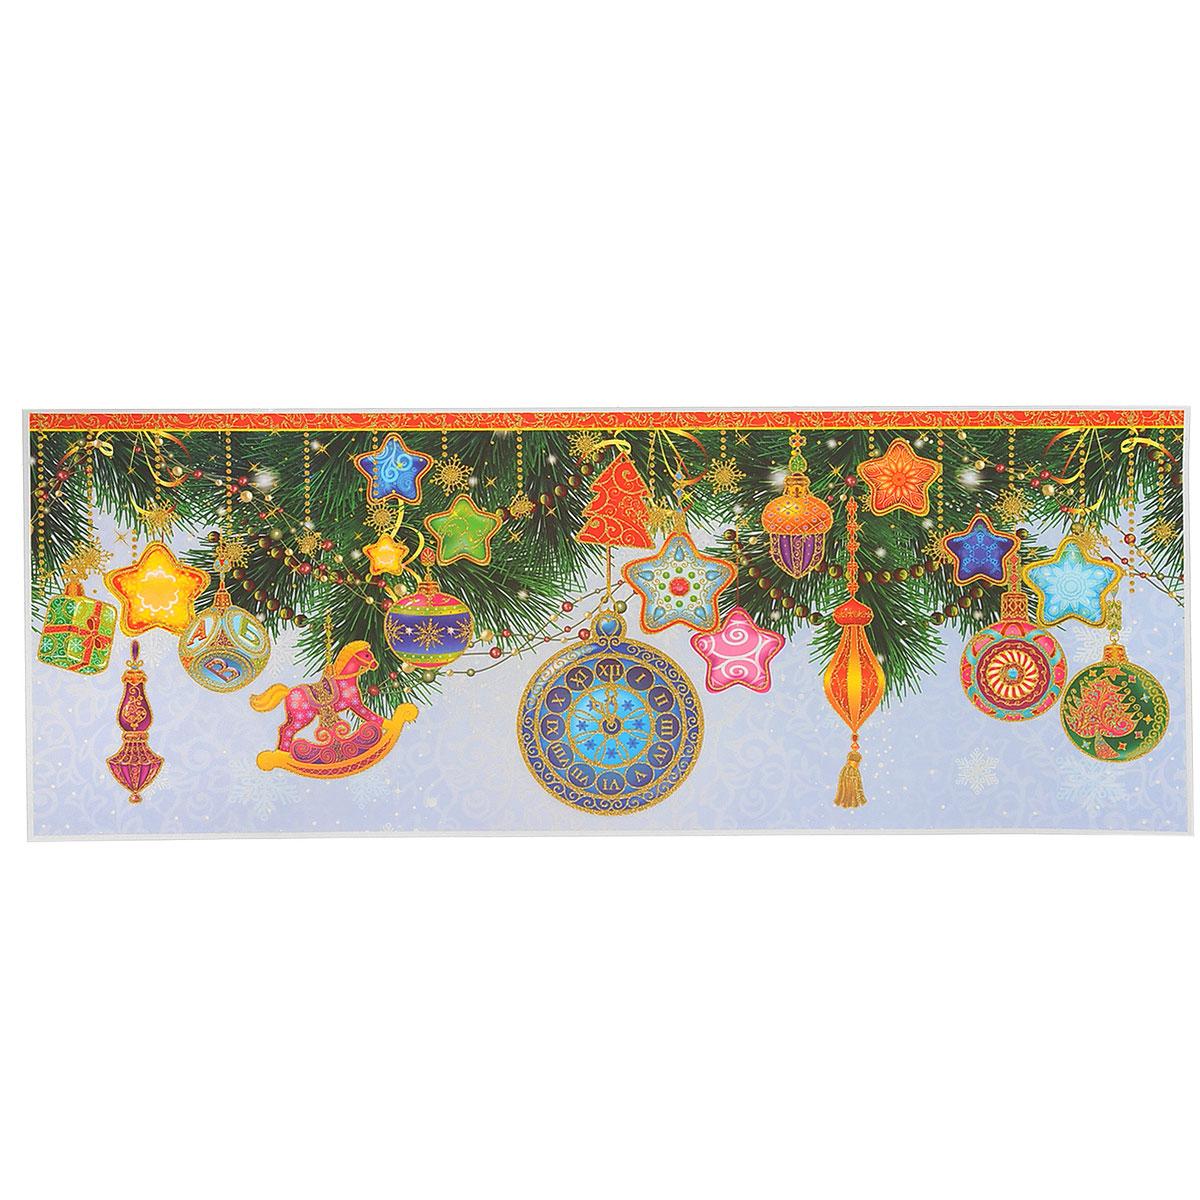 Новогоднее оконное украшение Елочные игрушки. 3436034360Новогоднее оконное украшение, изготовленное из пленки ПВХ, поможет украсить дом к предстоящим праздникам. Яркие изображения в виде елочных игрушек, снежинок и ветвей ели, нанесены на прозрачную пленку и крепятся к гладкой поверхности стекла посредством статического эффекта. Рисунки декорированы золотистыми блестками. С помощью этих украшений вы сможете оживить интерьер по своему вкусу. Новогодние украшения всегда несут в себе волшебство и красоту праздника. Создайте в своем доме атмосферу тепла, веселья и радости, украшая его всей семьей.